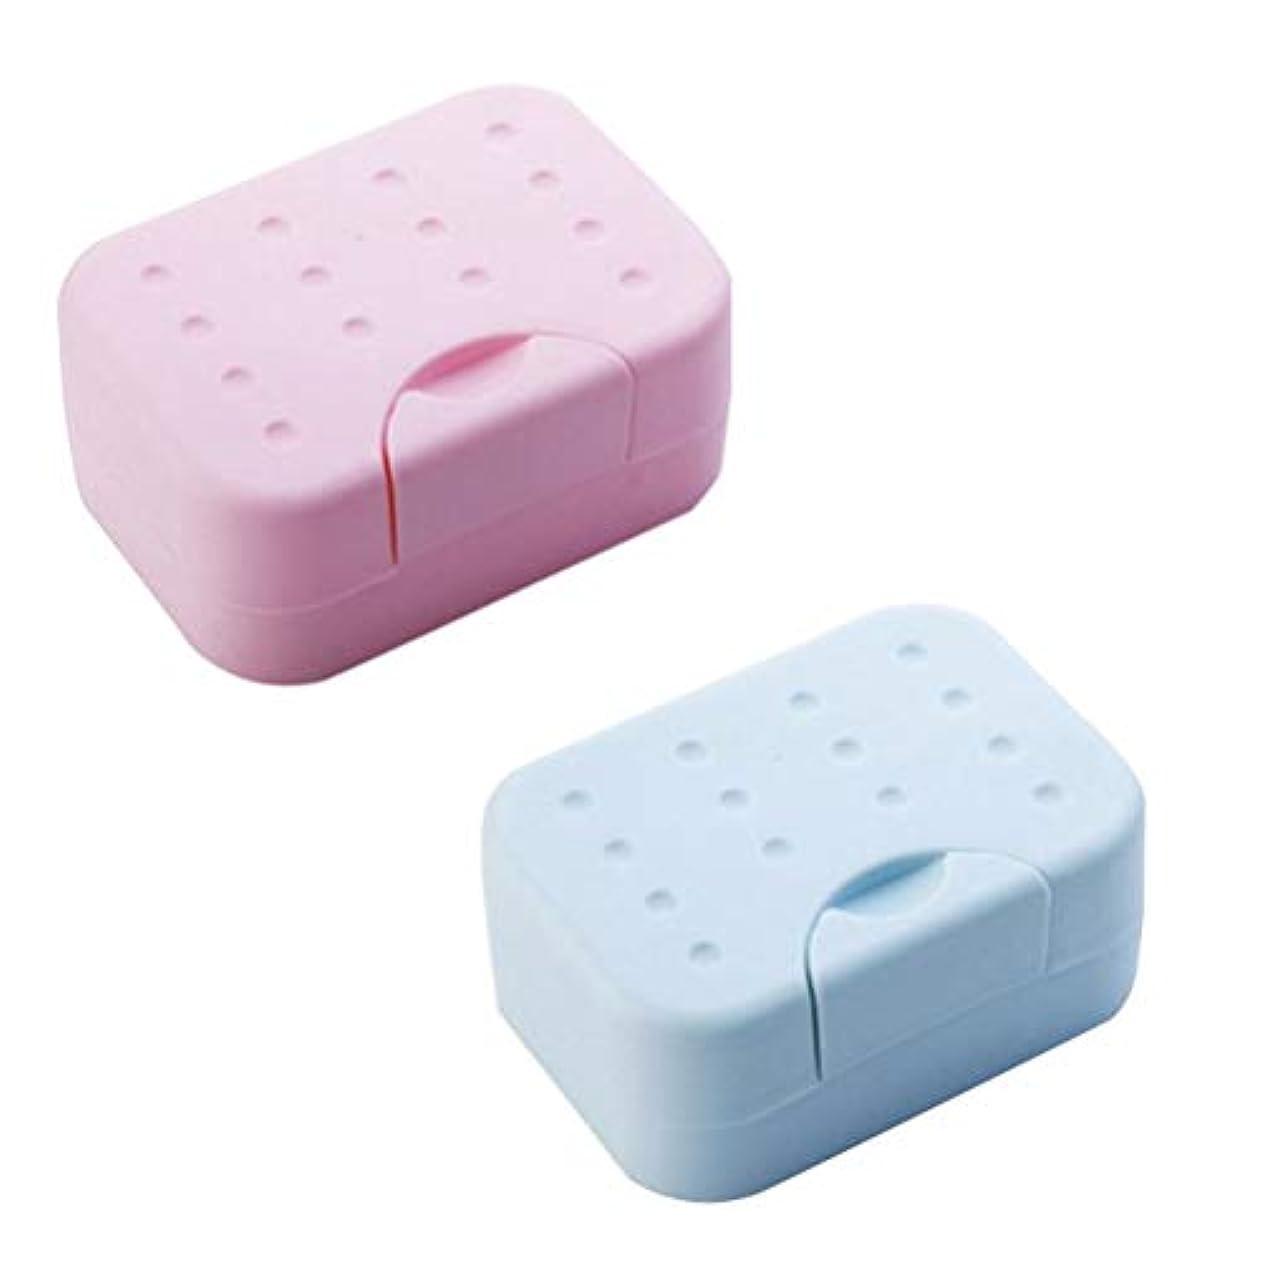 慣れる準備した帳面Healifty 2PC石鹸容器旅行石鹸ボックス石けんケース耐久性プラスチック防水飲料水スポンジ石鹸キャビネットのための食器ホルダーホームバスルーム(赤と青)